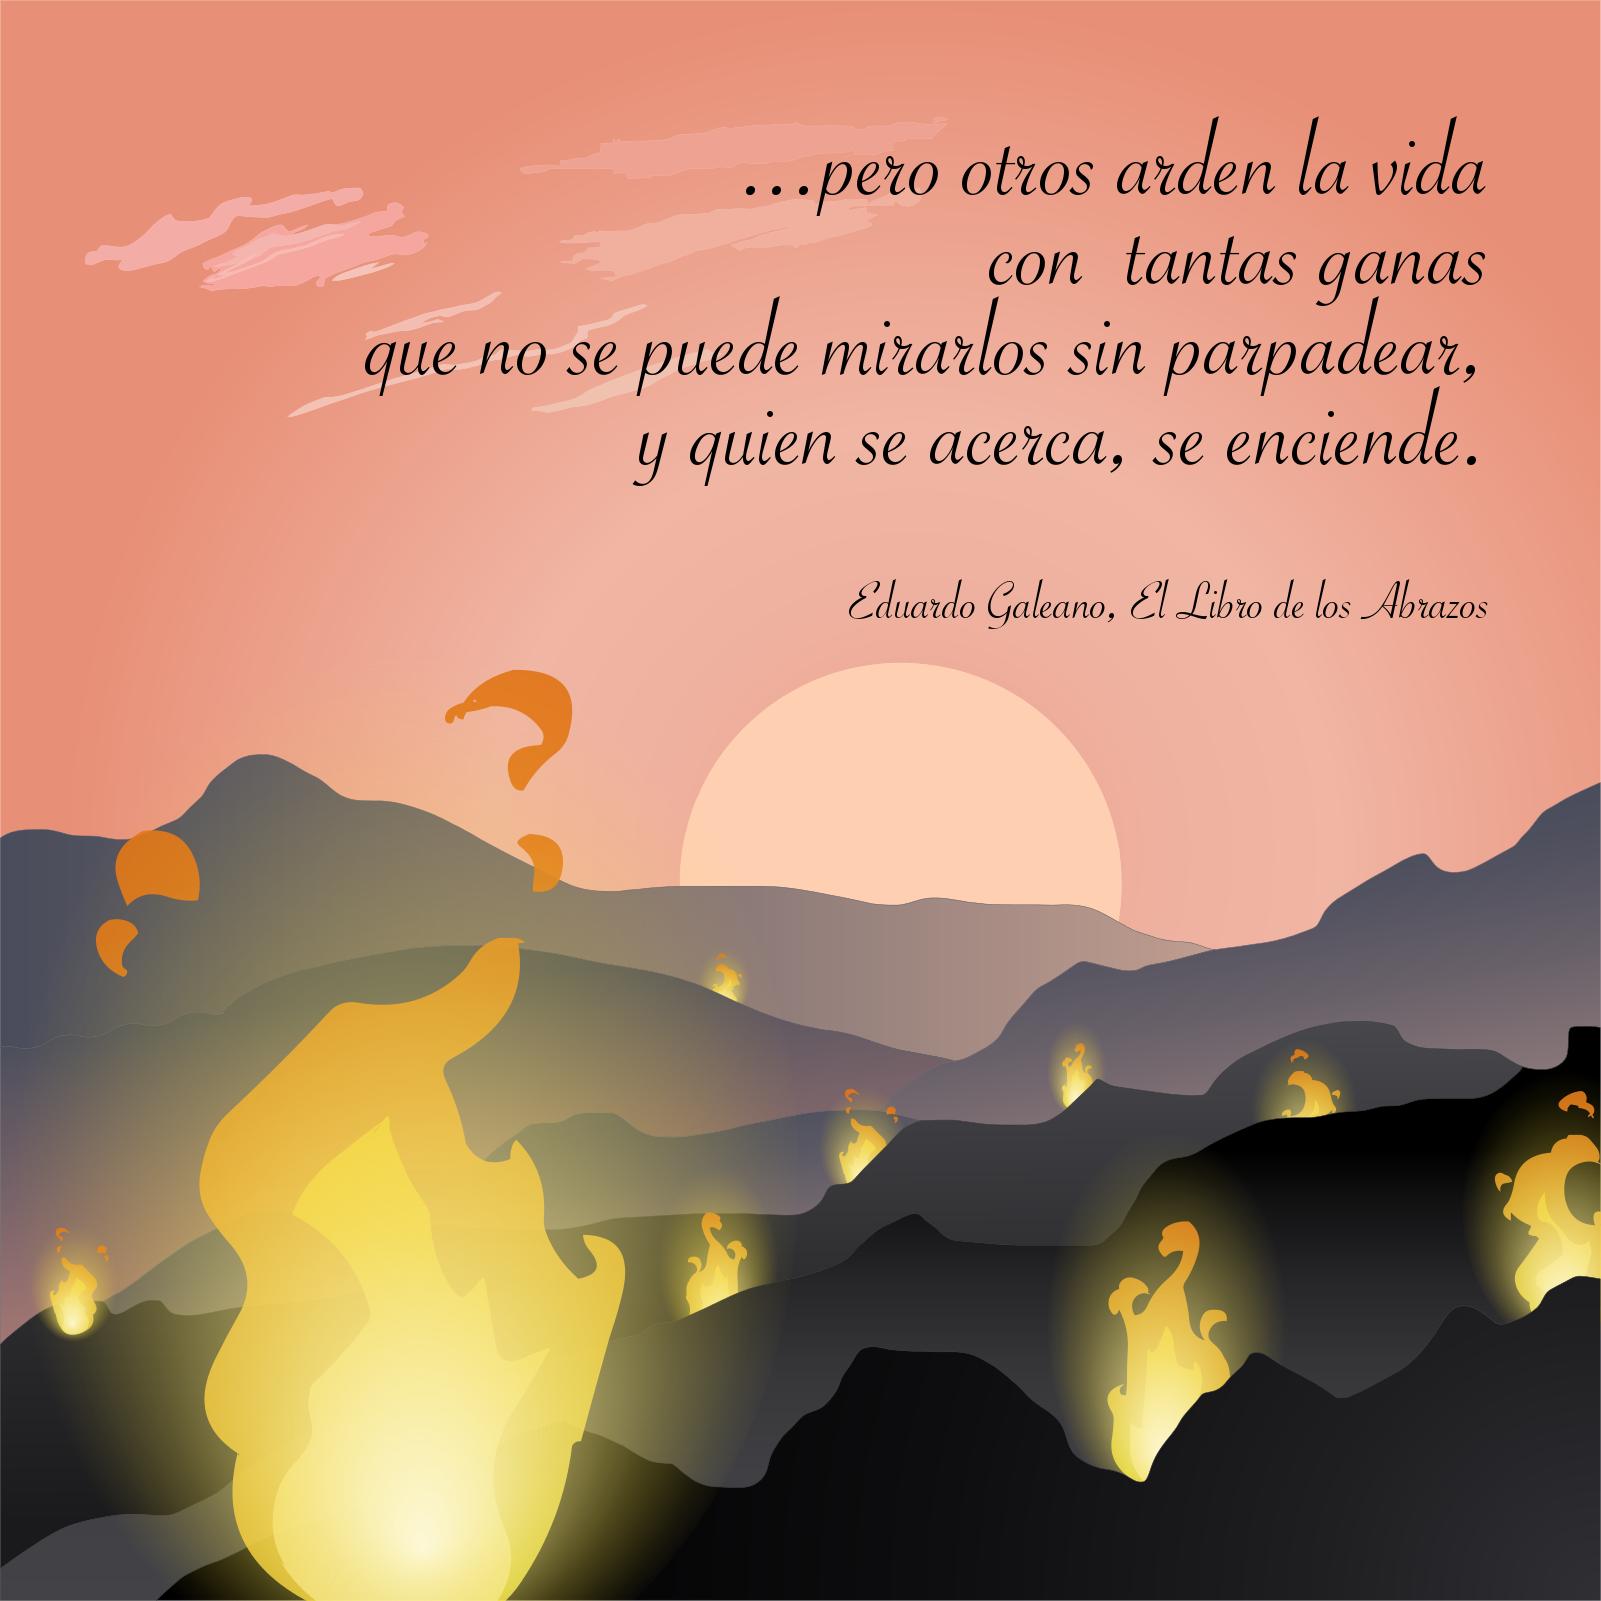 La Vida Humana Un Mar De Fueguitos Eduardogaleano Galeano Frases Artistas De Flores Frases Y Poemas